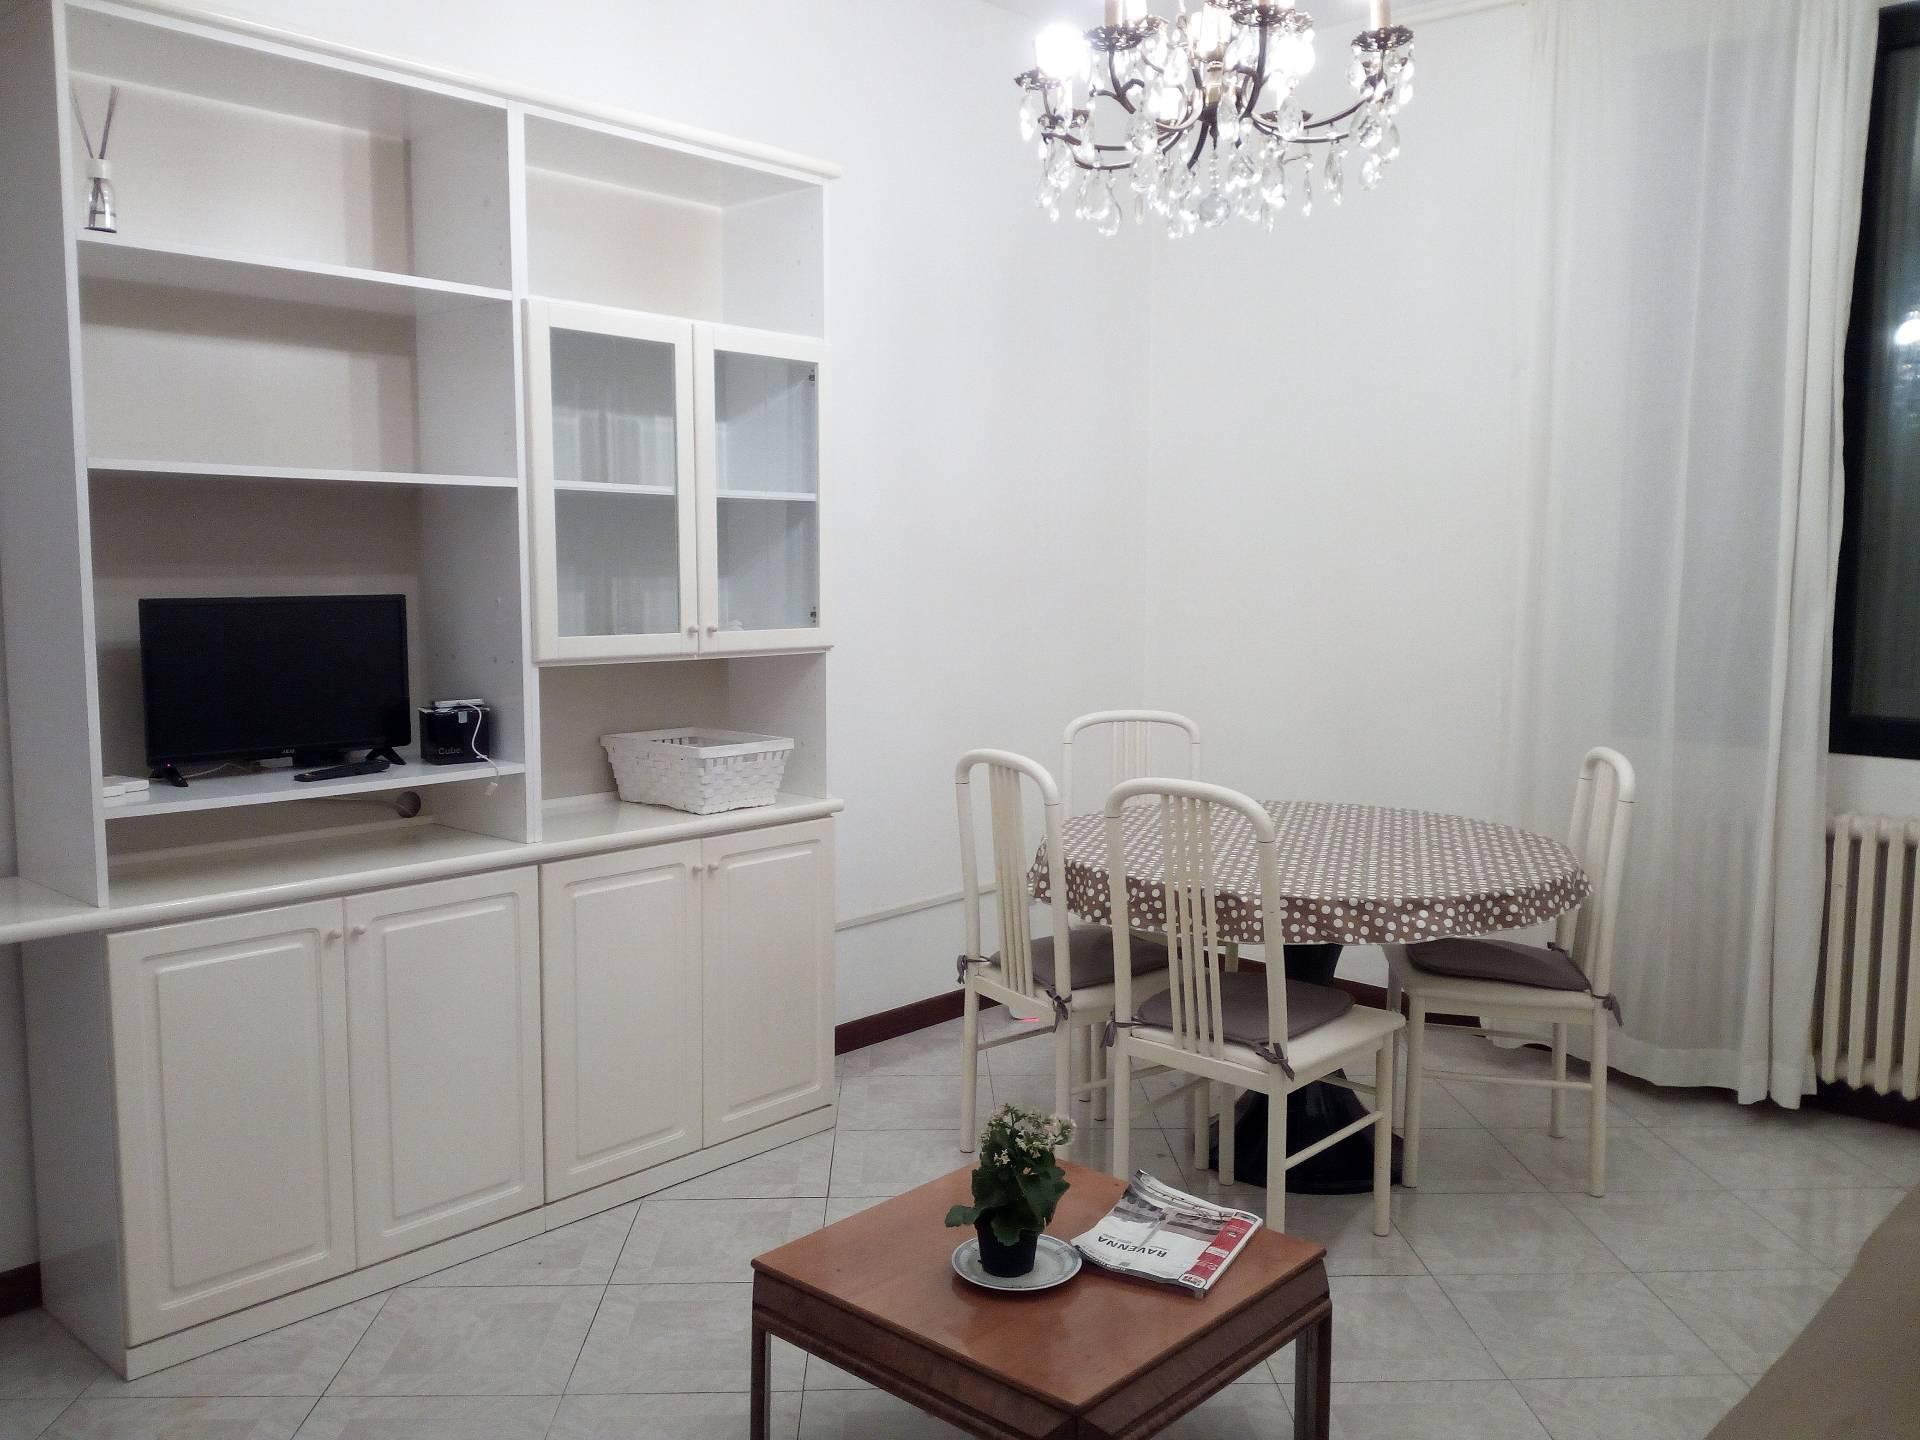 Appartamento in affitto a Lugo, 4 locali, prezzo € 550 | Cambio Casa.it